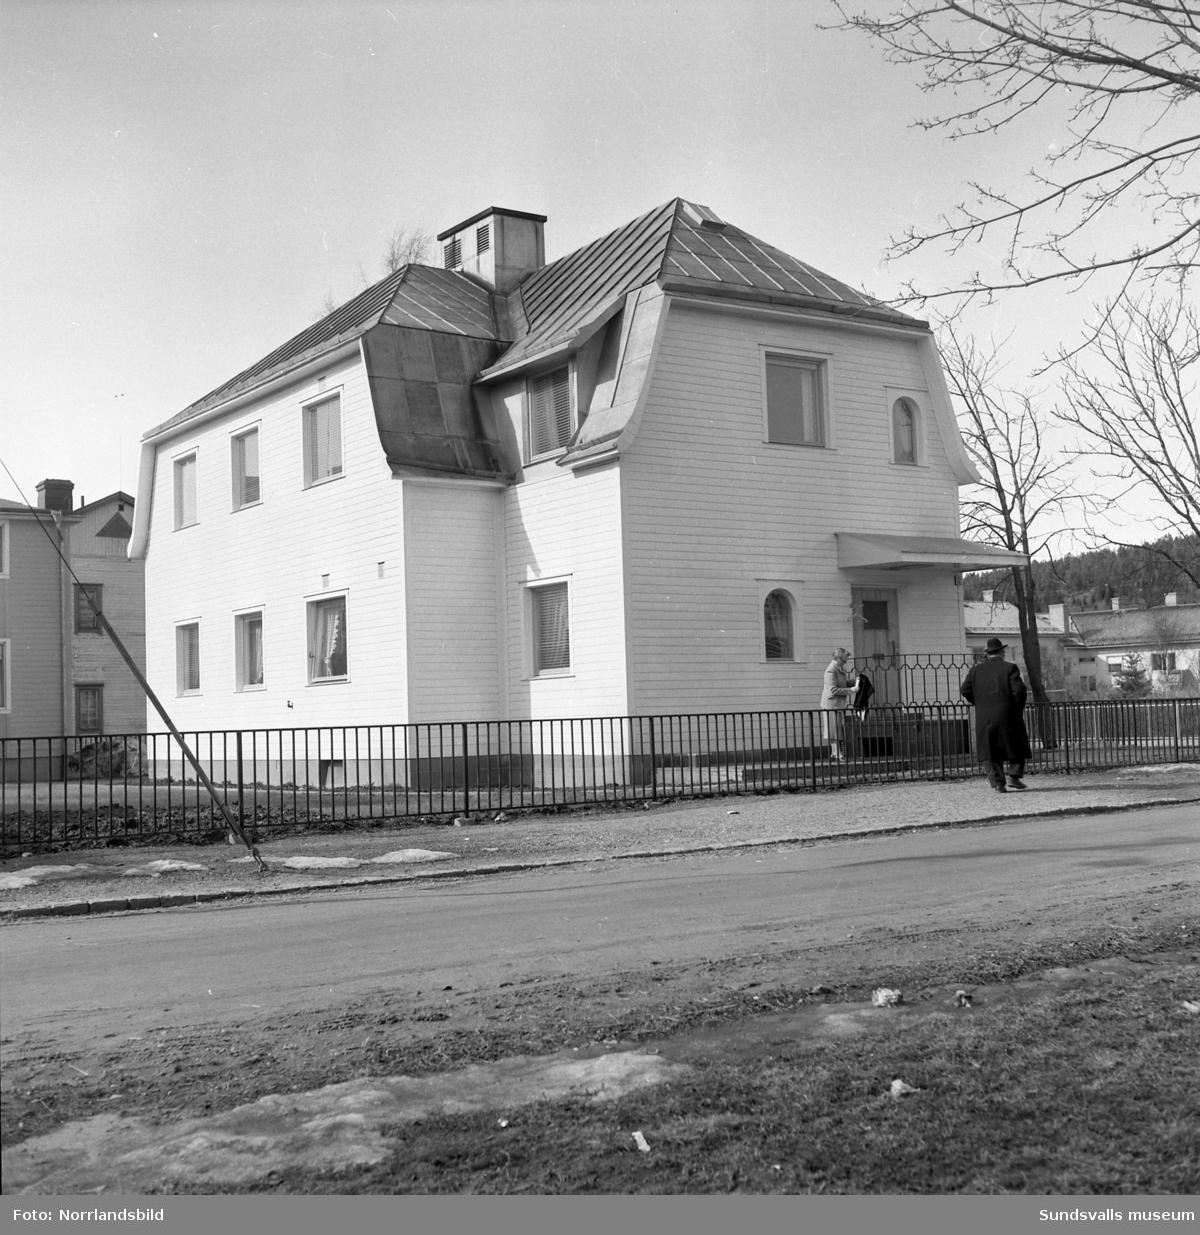 Direktör Fridolf Brunnzells bostad i hörnet av Västra Allén-Grönborgsgatan i Sundsvall. Interiör- och exteriörbilder. Brunnzell var chef för anrika Lindgrens järnhandel.